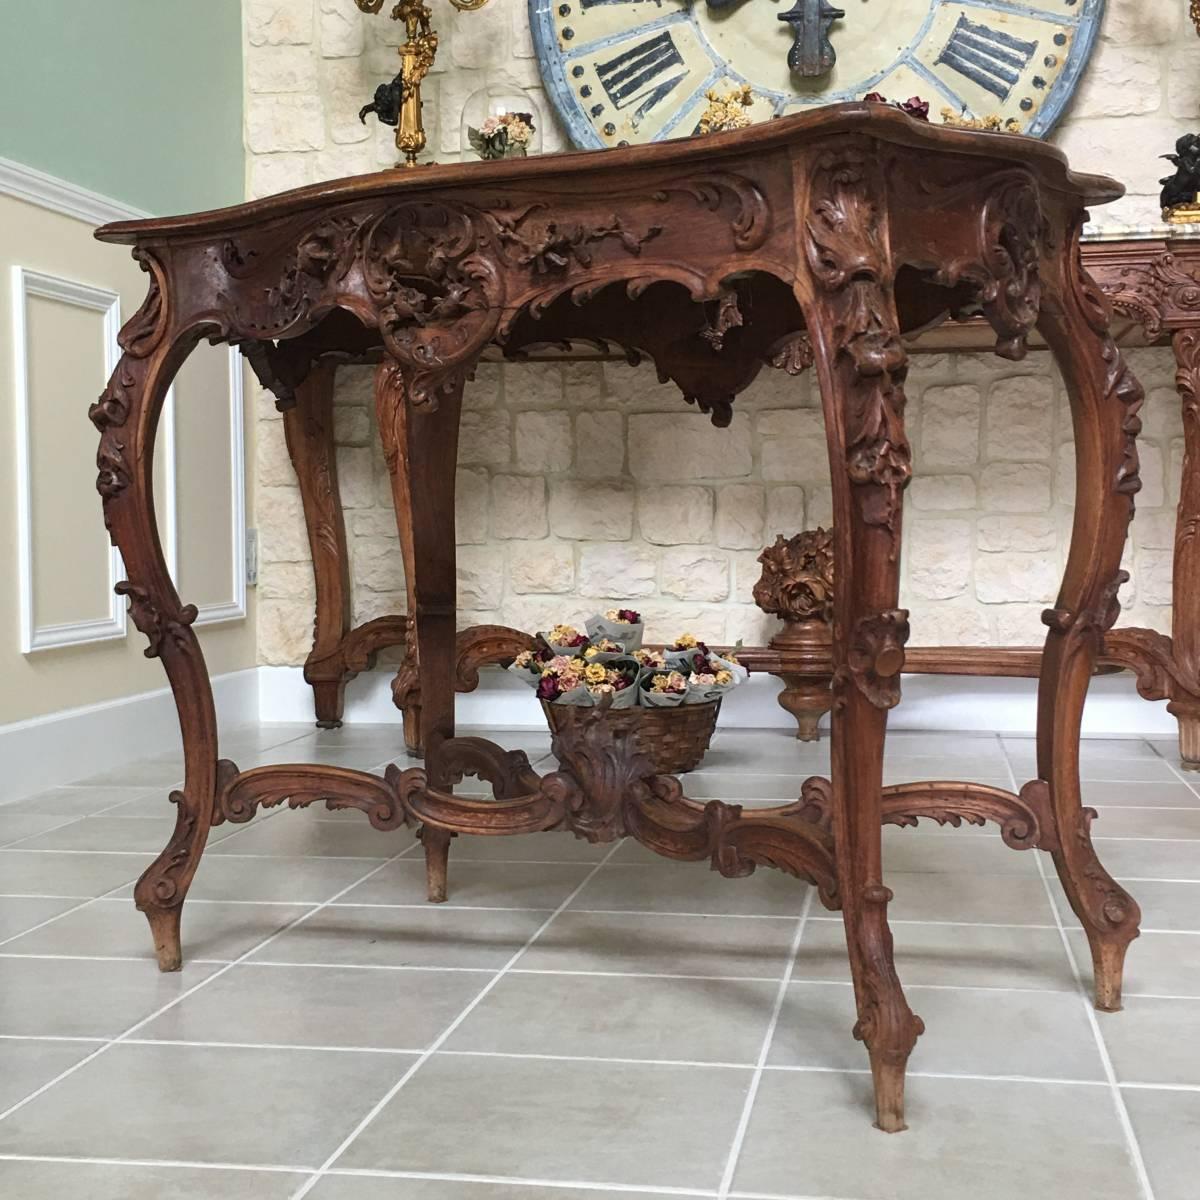 フランスアンティーク テーブル アンティークテーブル 19世紀 コンソールテーブル ルイ15世様式 ロココ様式 アンティーク家具_画像2